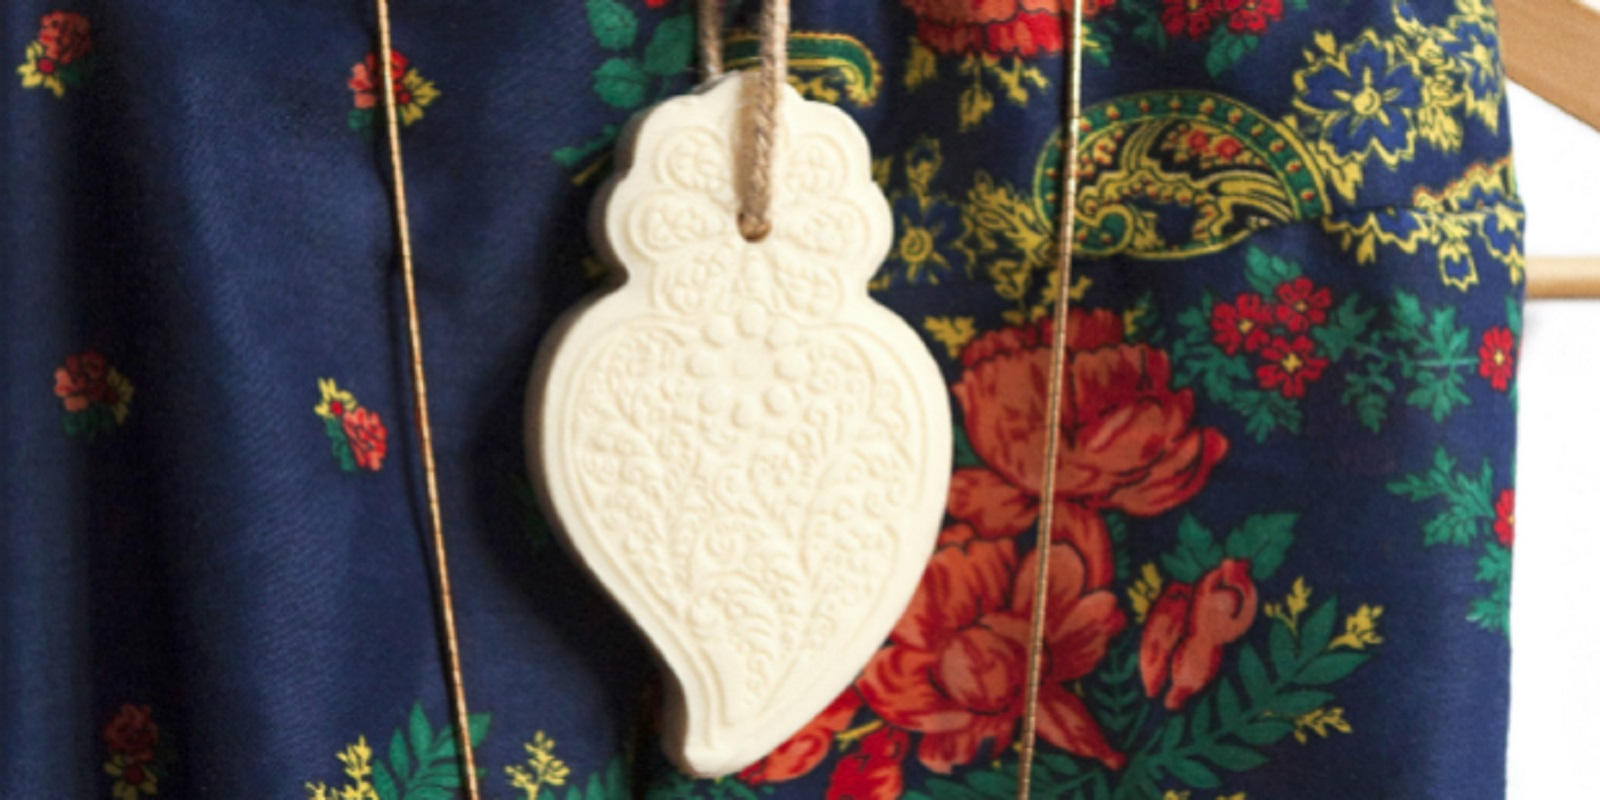 Novo sabonete Castelbel Filigrana homenageia coração de viana